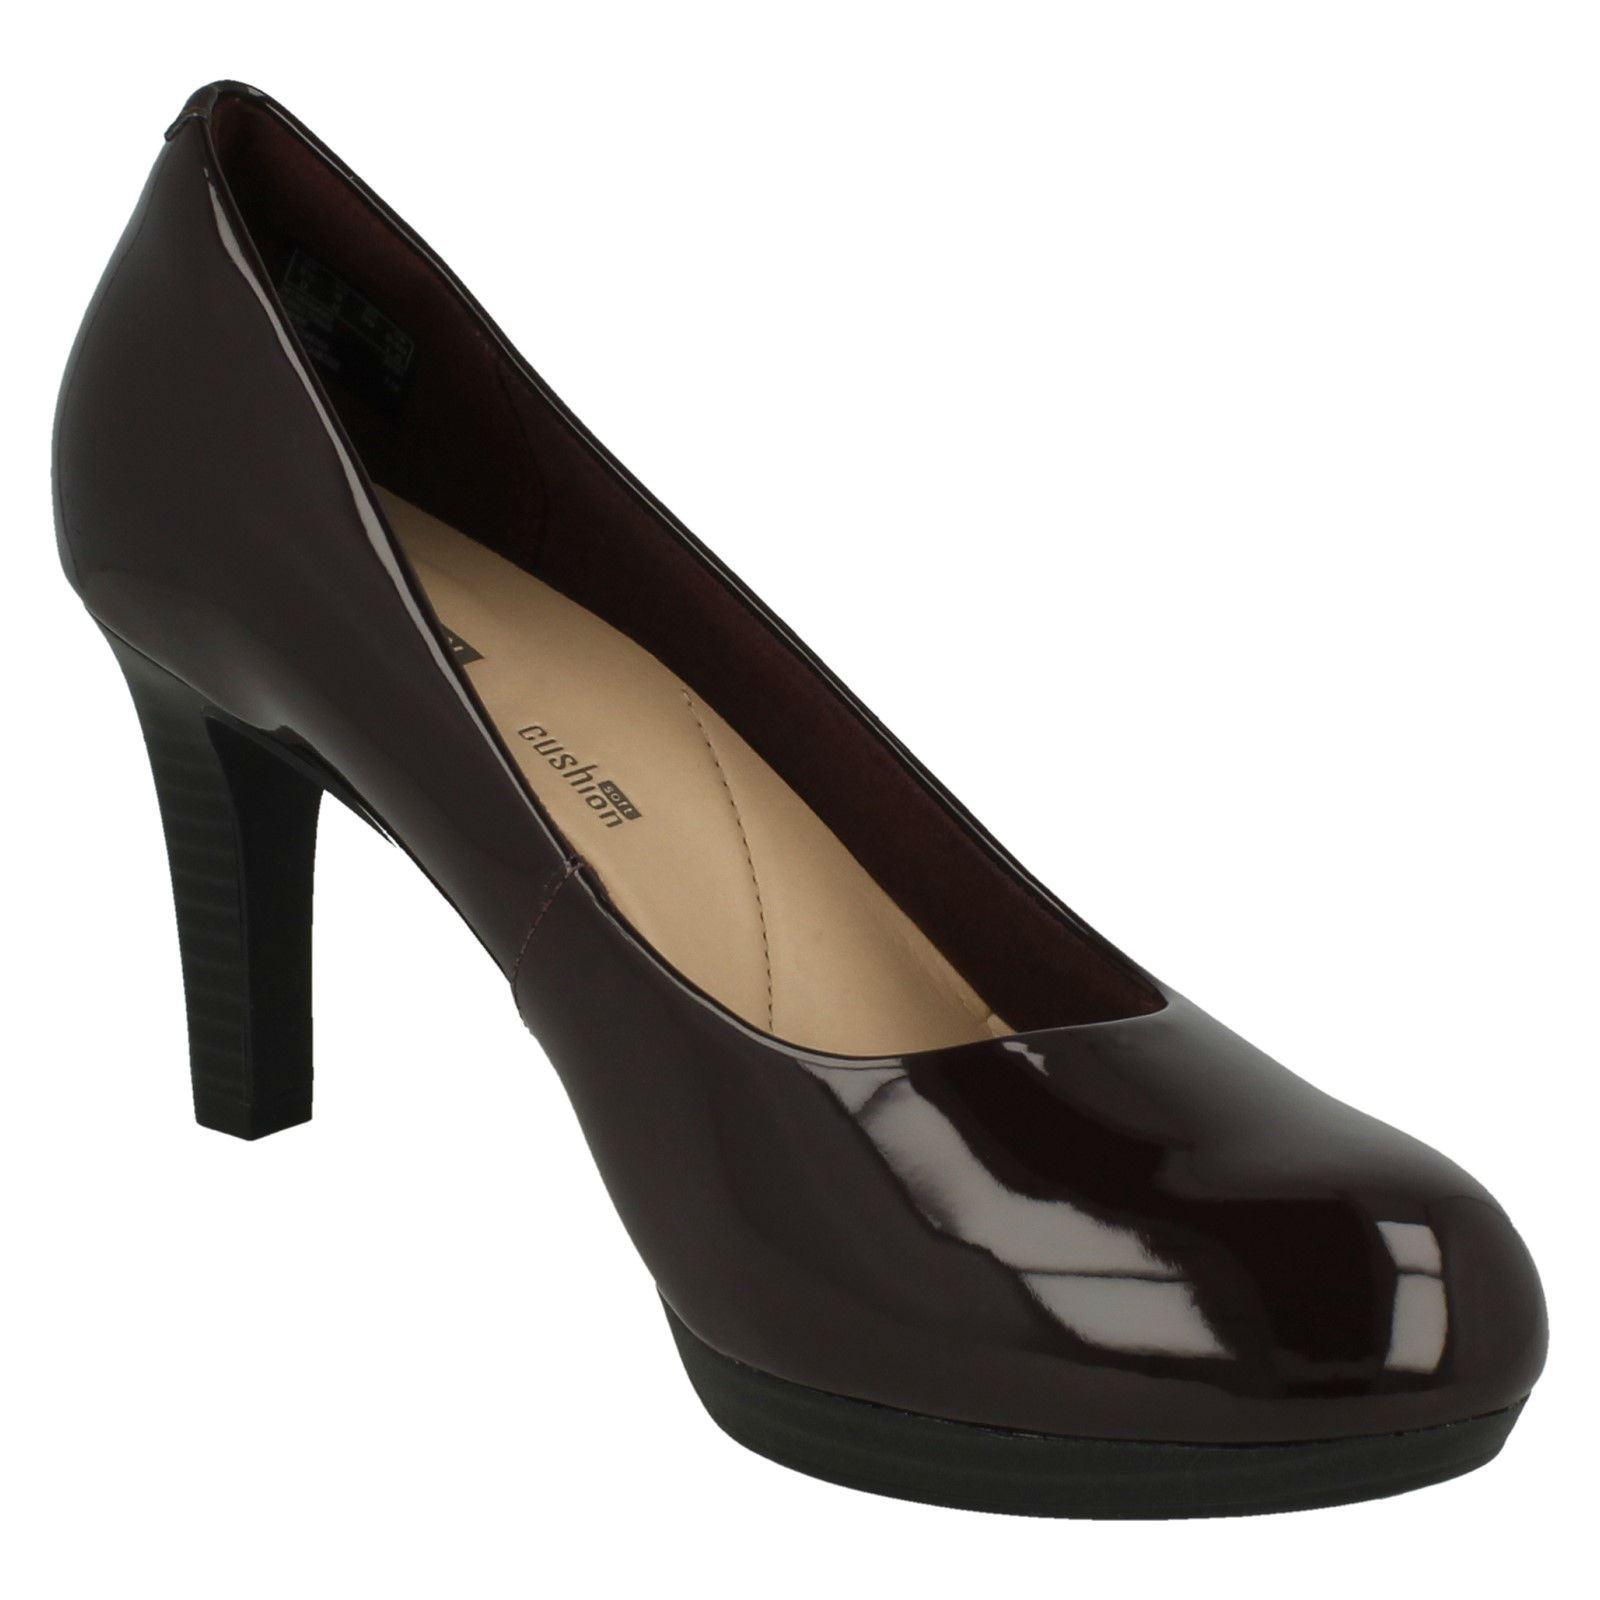 Femmes Clarks Adriel Viola à Talon Cour Chaussures